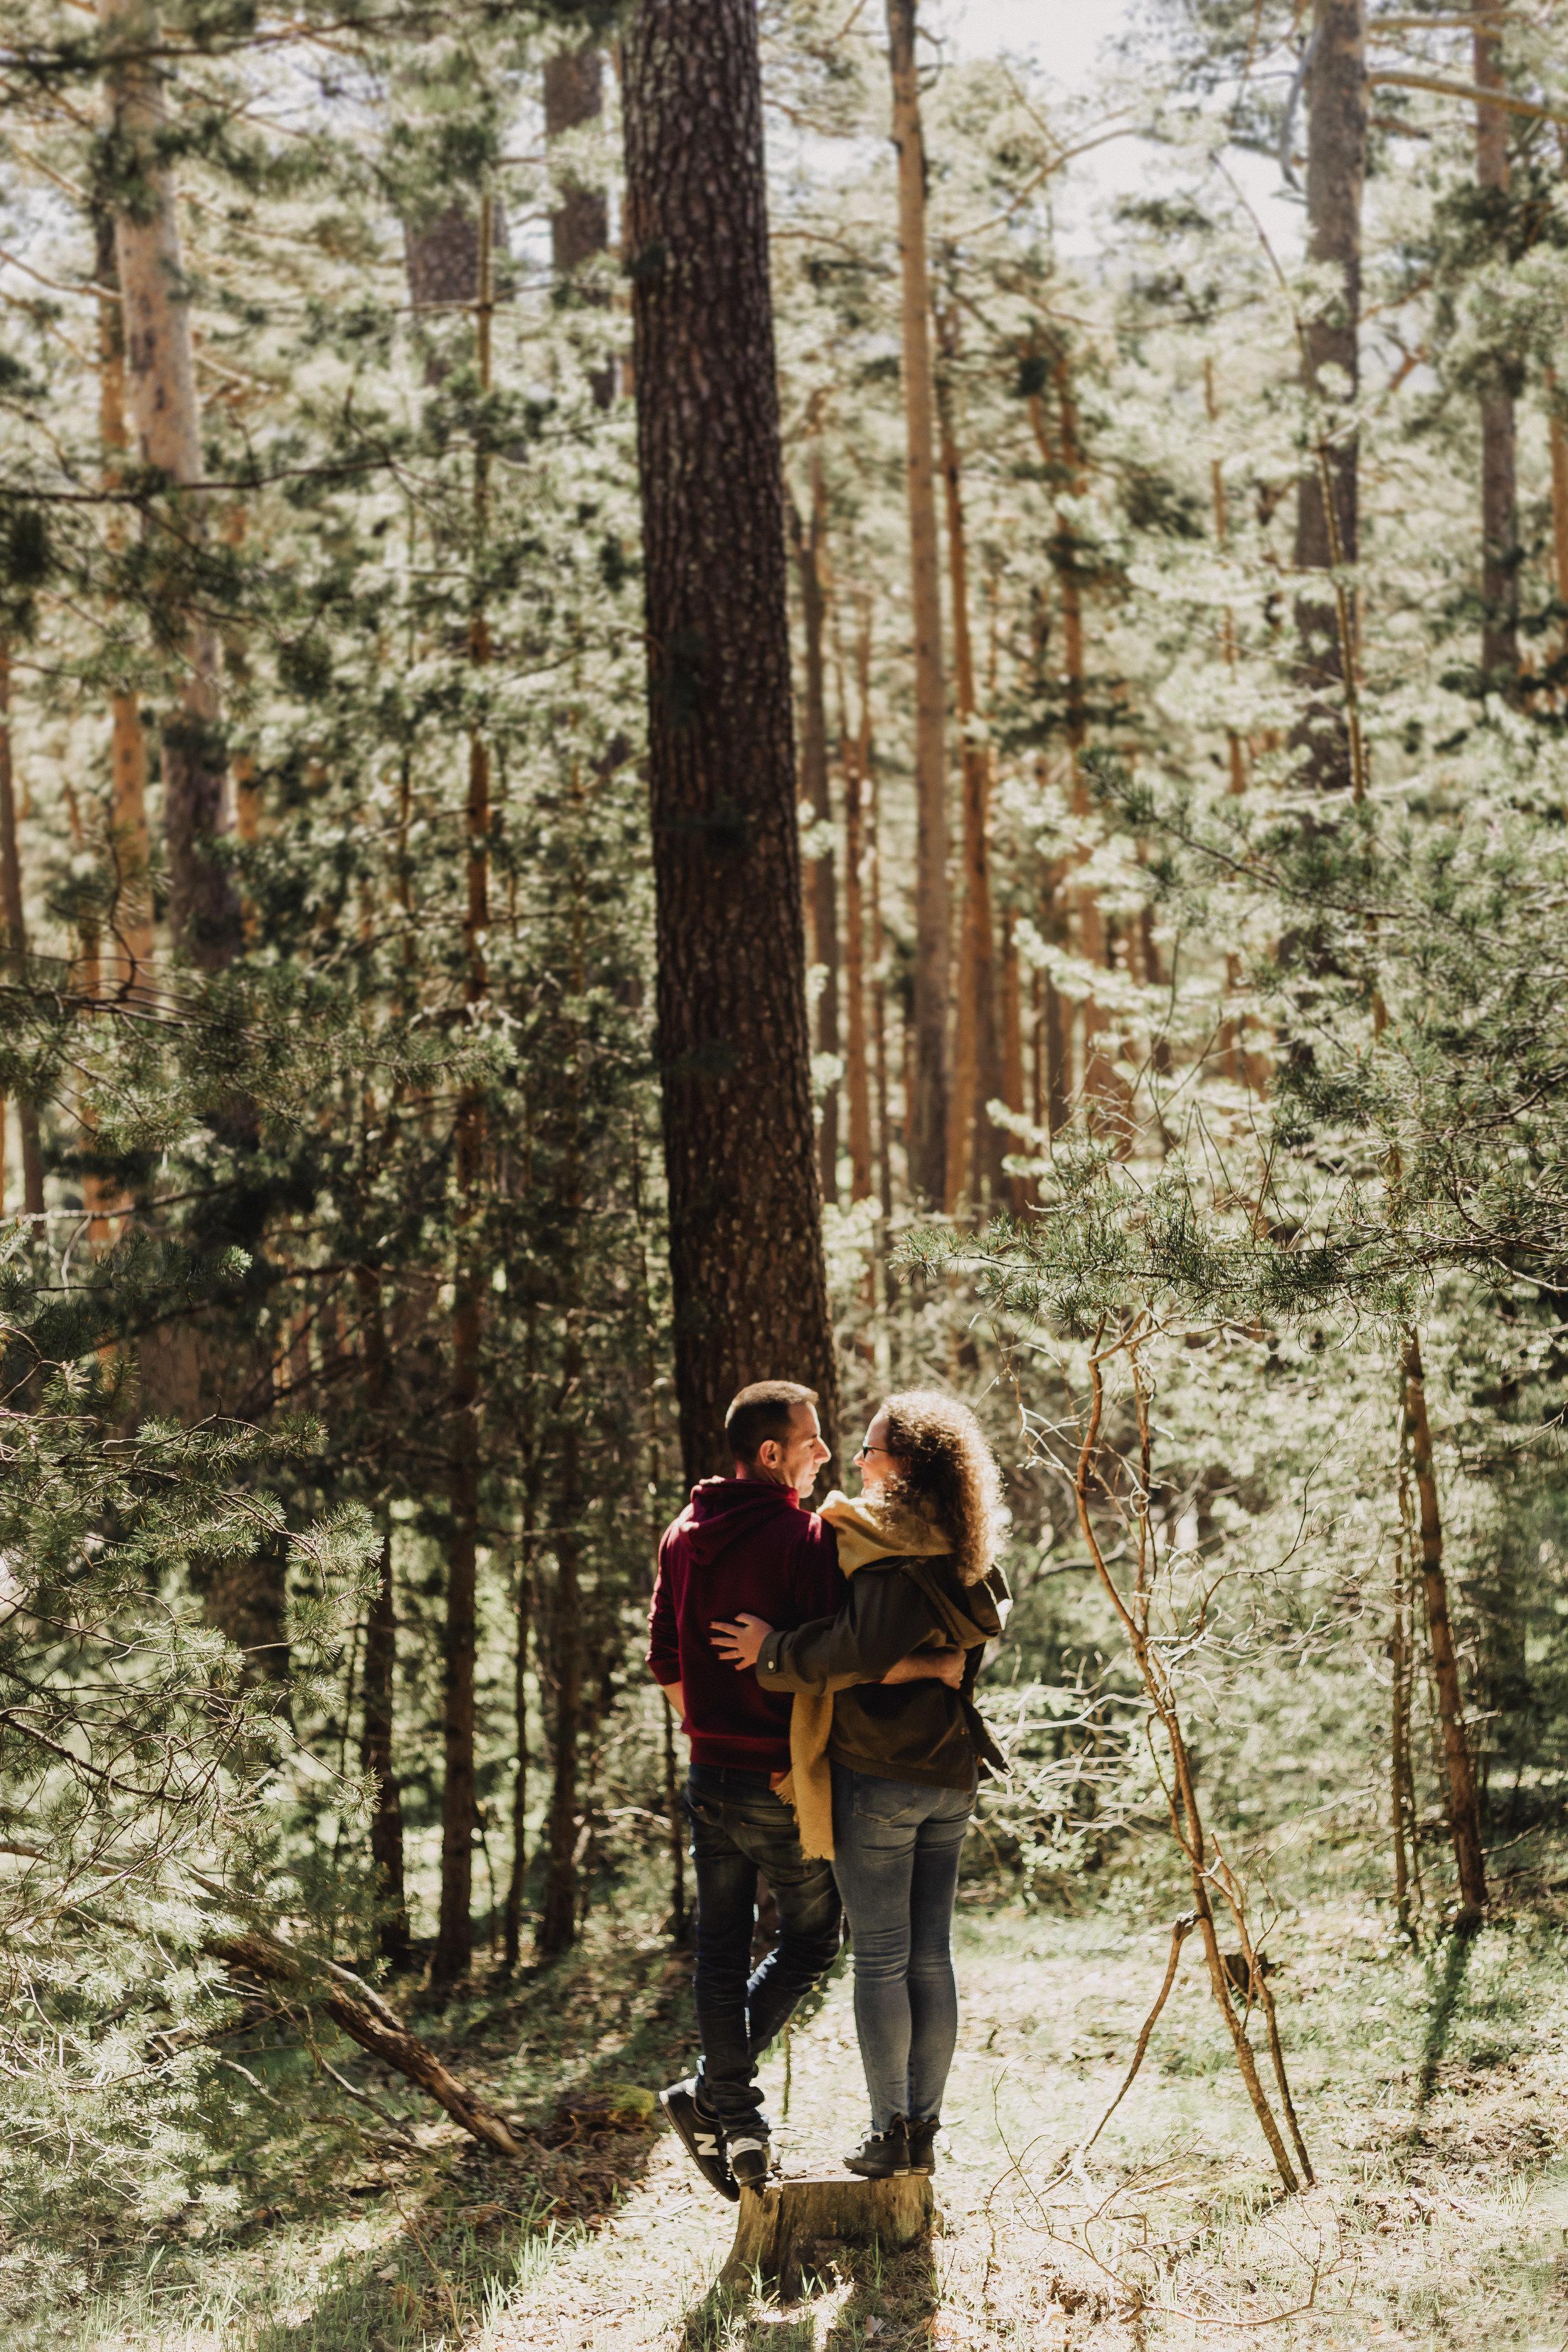 preboda-en- bosque-82.jpg